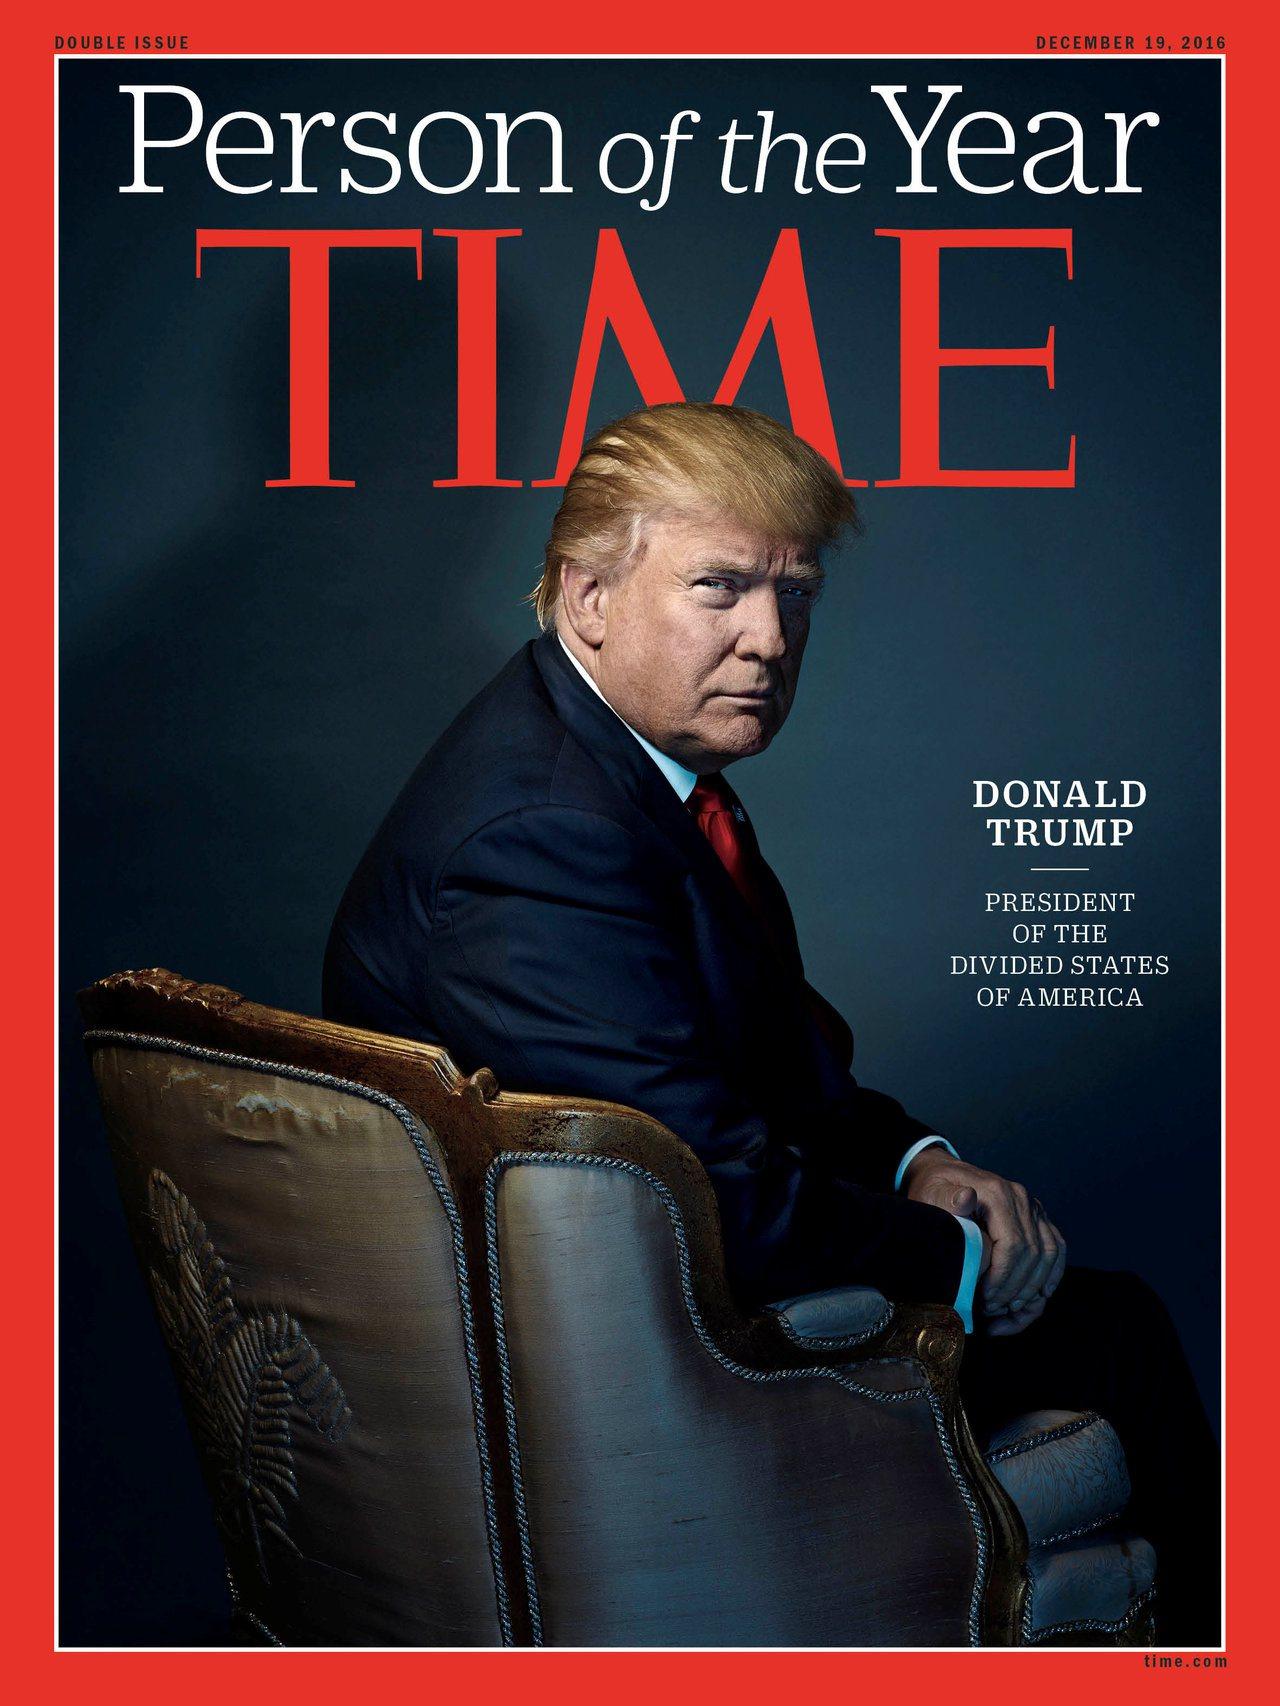 川普是時代雜誌2016年的年度風雲人物。路透